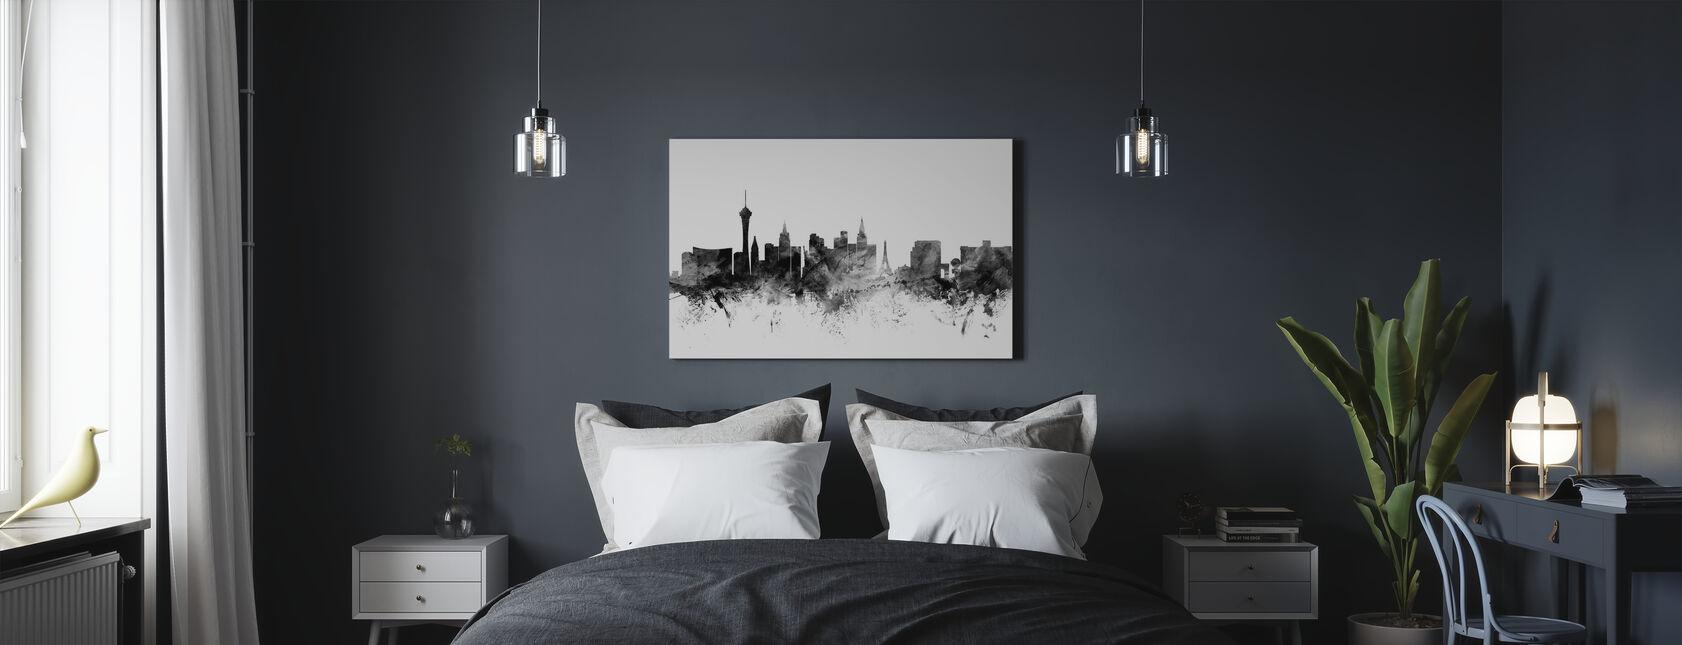 Las Vegas Skyline Black - Canvas print - Bedroom